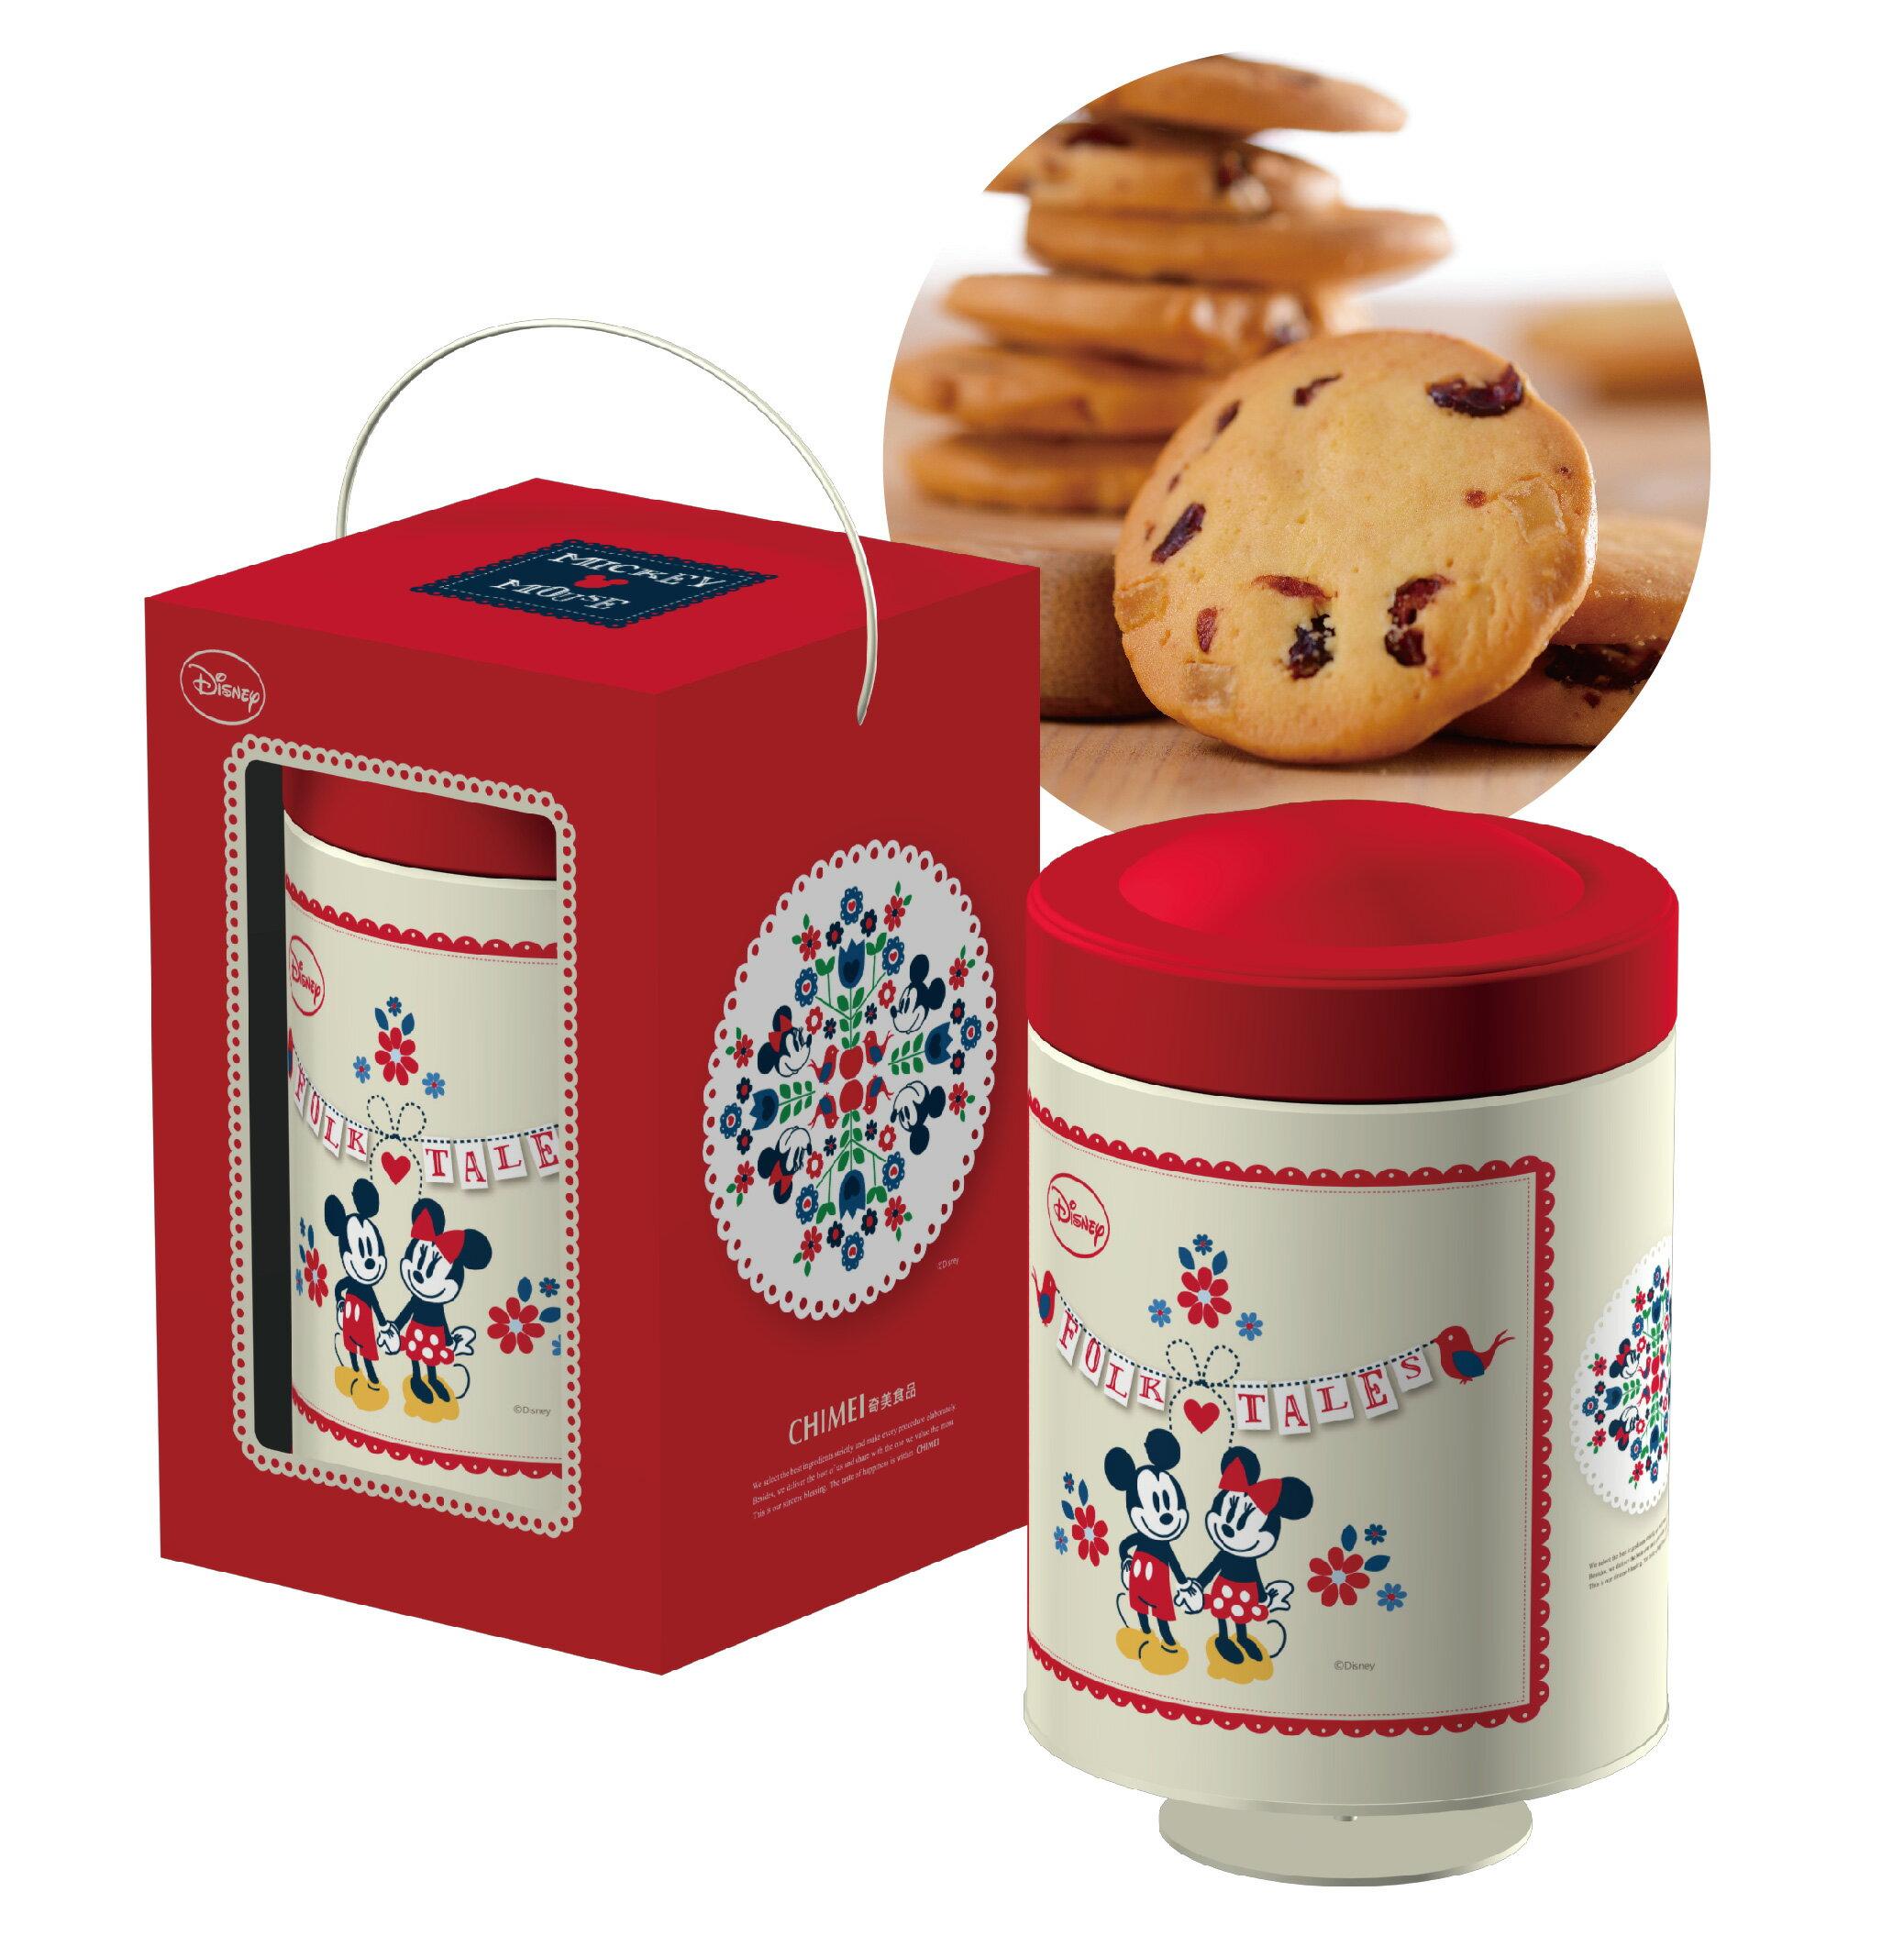 【奇美伴手禮盒】米奇雙果餅乾音樂盒 - 限時優惠好康折扣